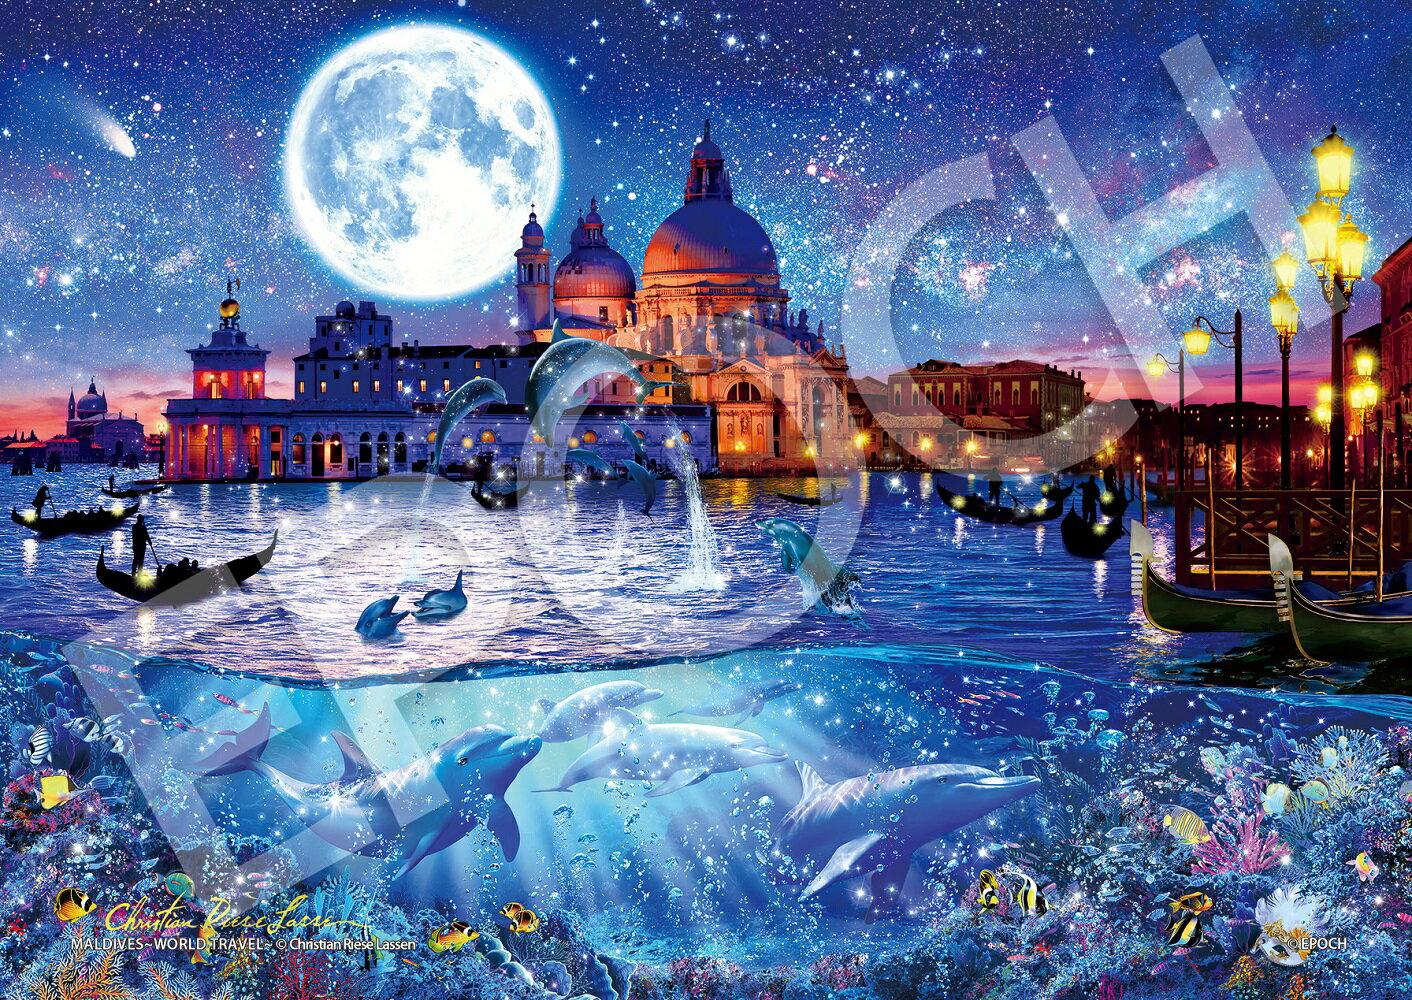 ジグソーパズル ヴェネツィア~ワールドトラベル~ 108ピース (18.2x25.7cm)